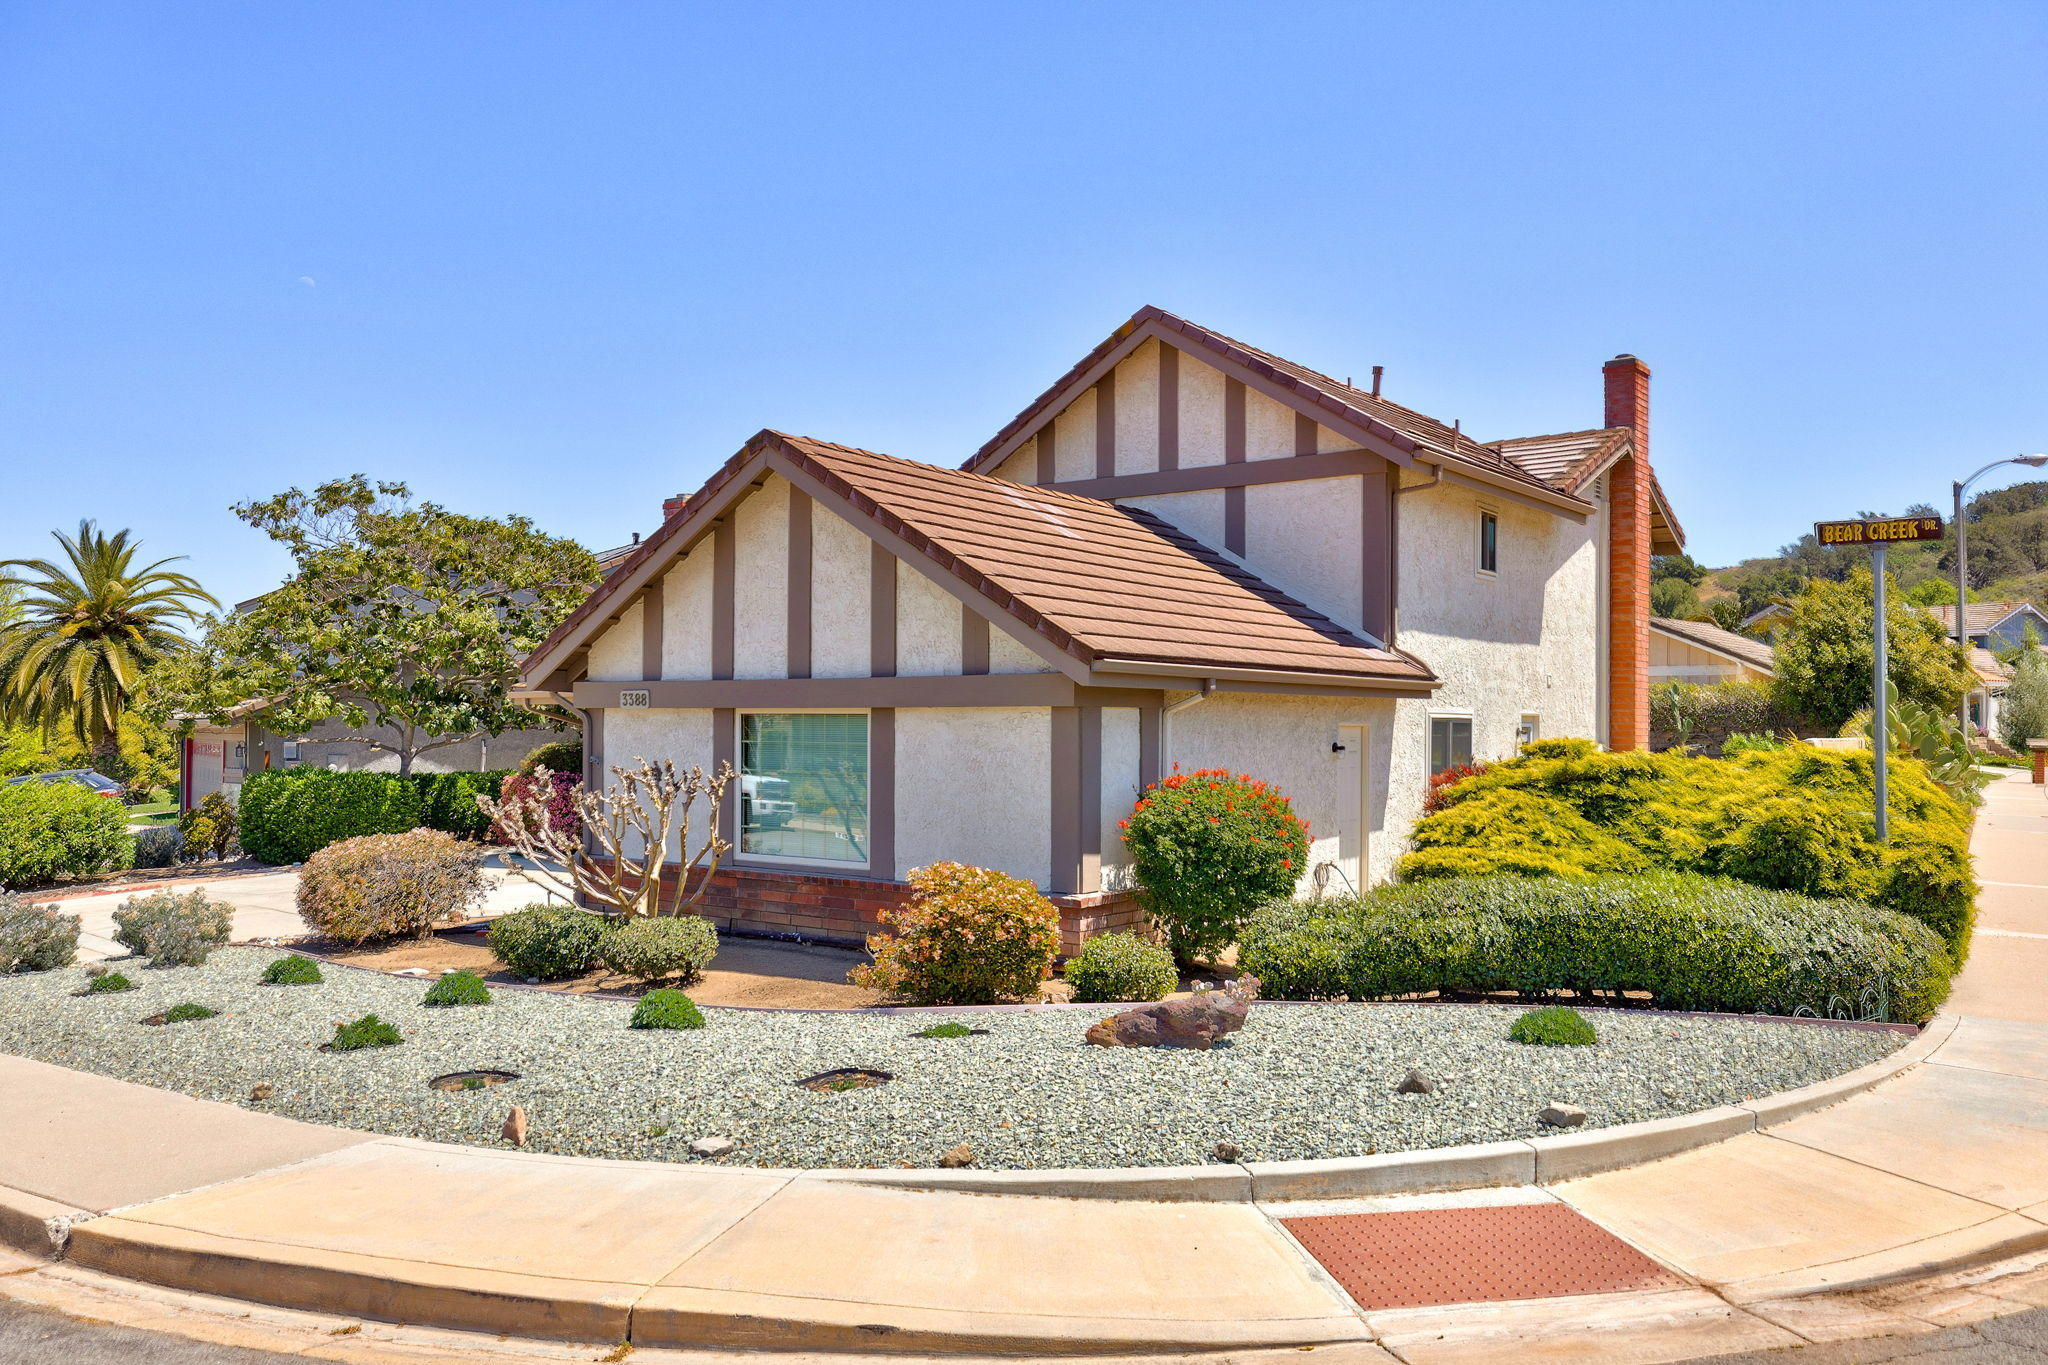 Photo of 3388 Bear Creek Drive, Newbury Park, CA 91320